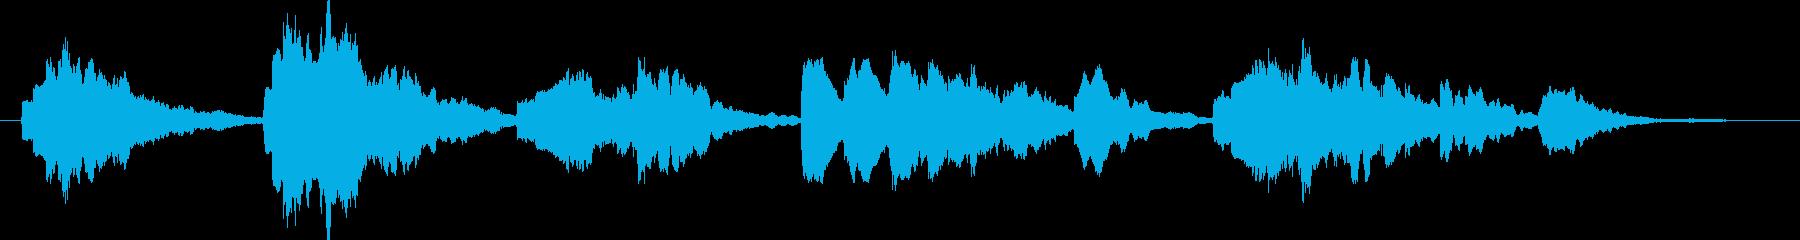 寂しげなエレクトリックピアノ曲の再生済みの波形